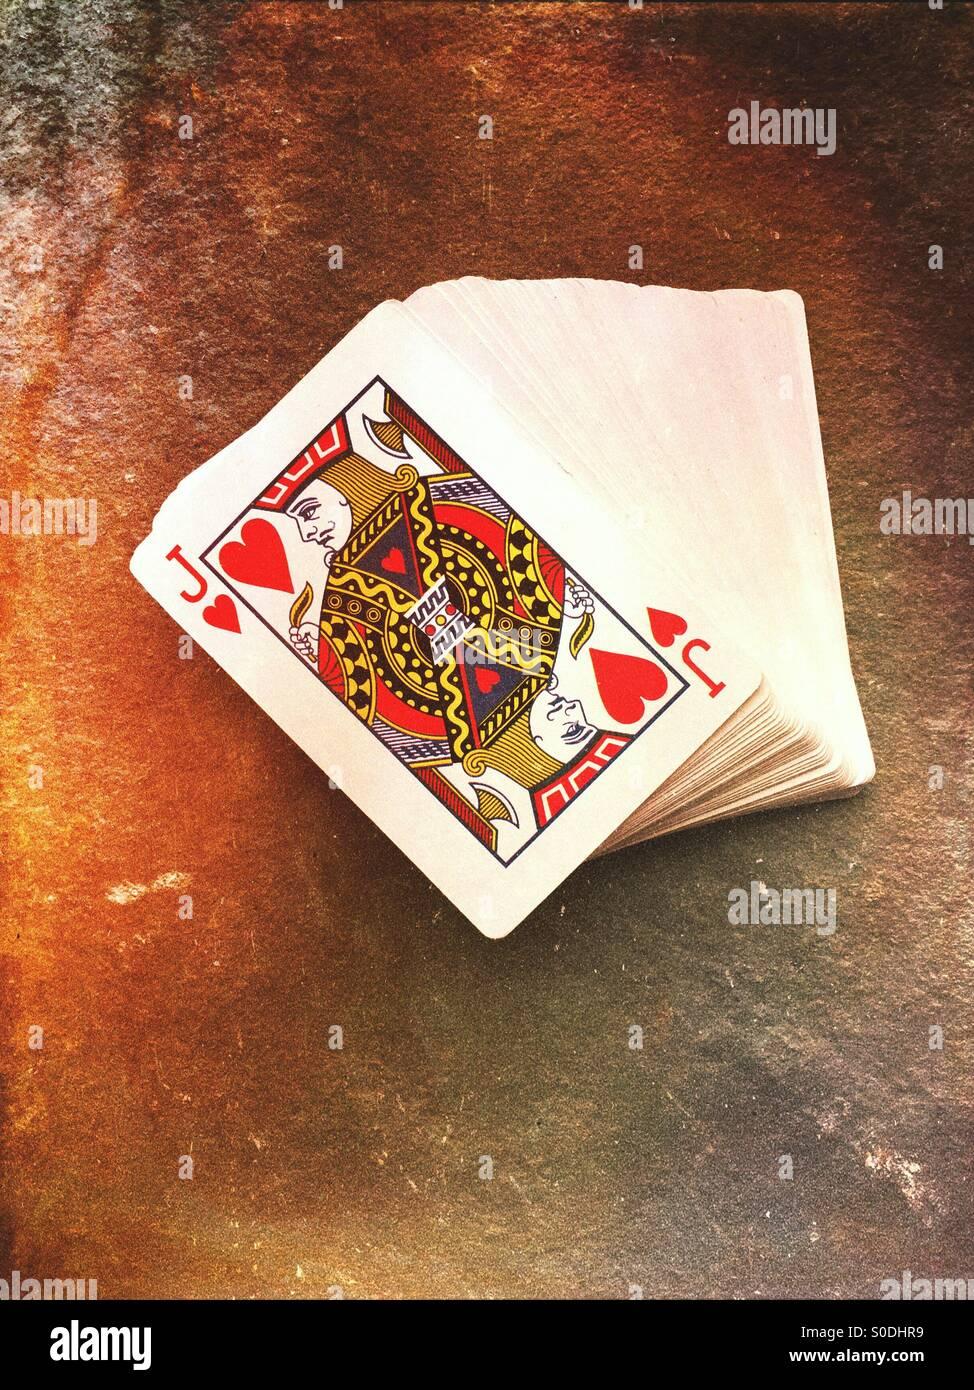 Le jeu des cartes à jouer Photo Stock